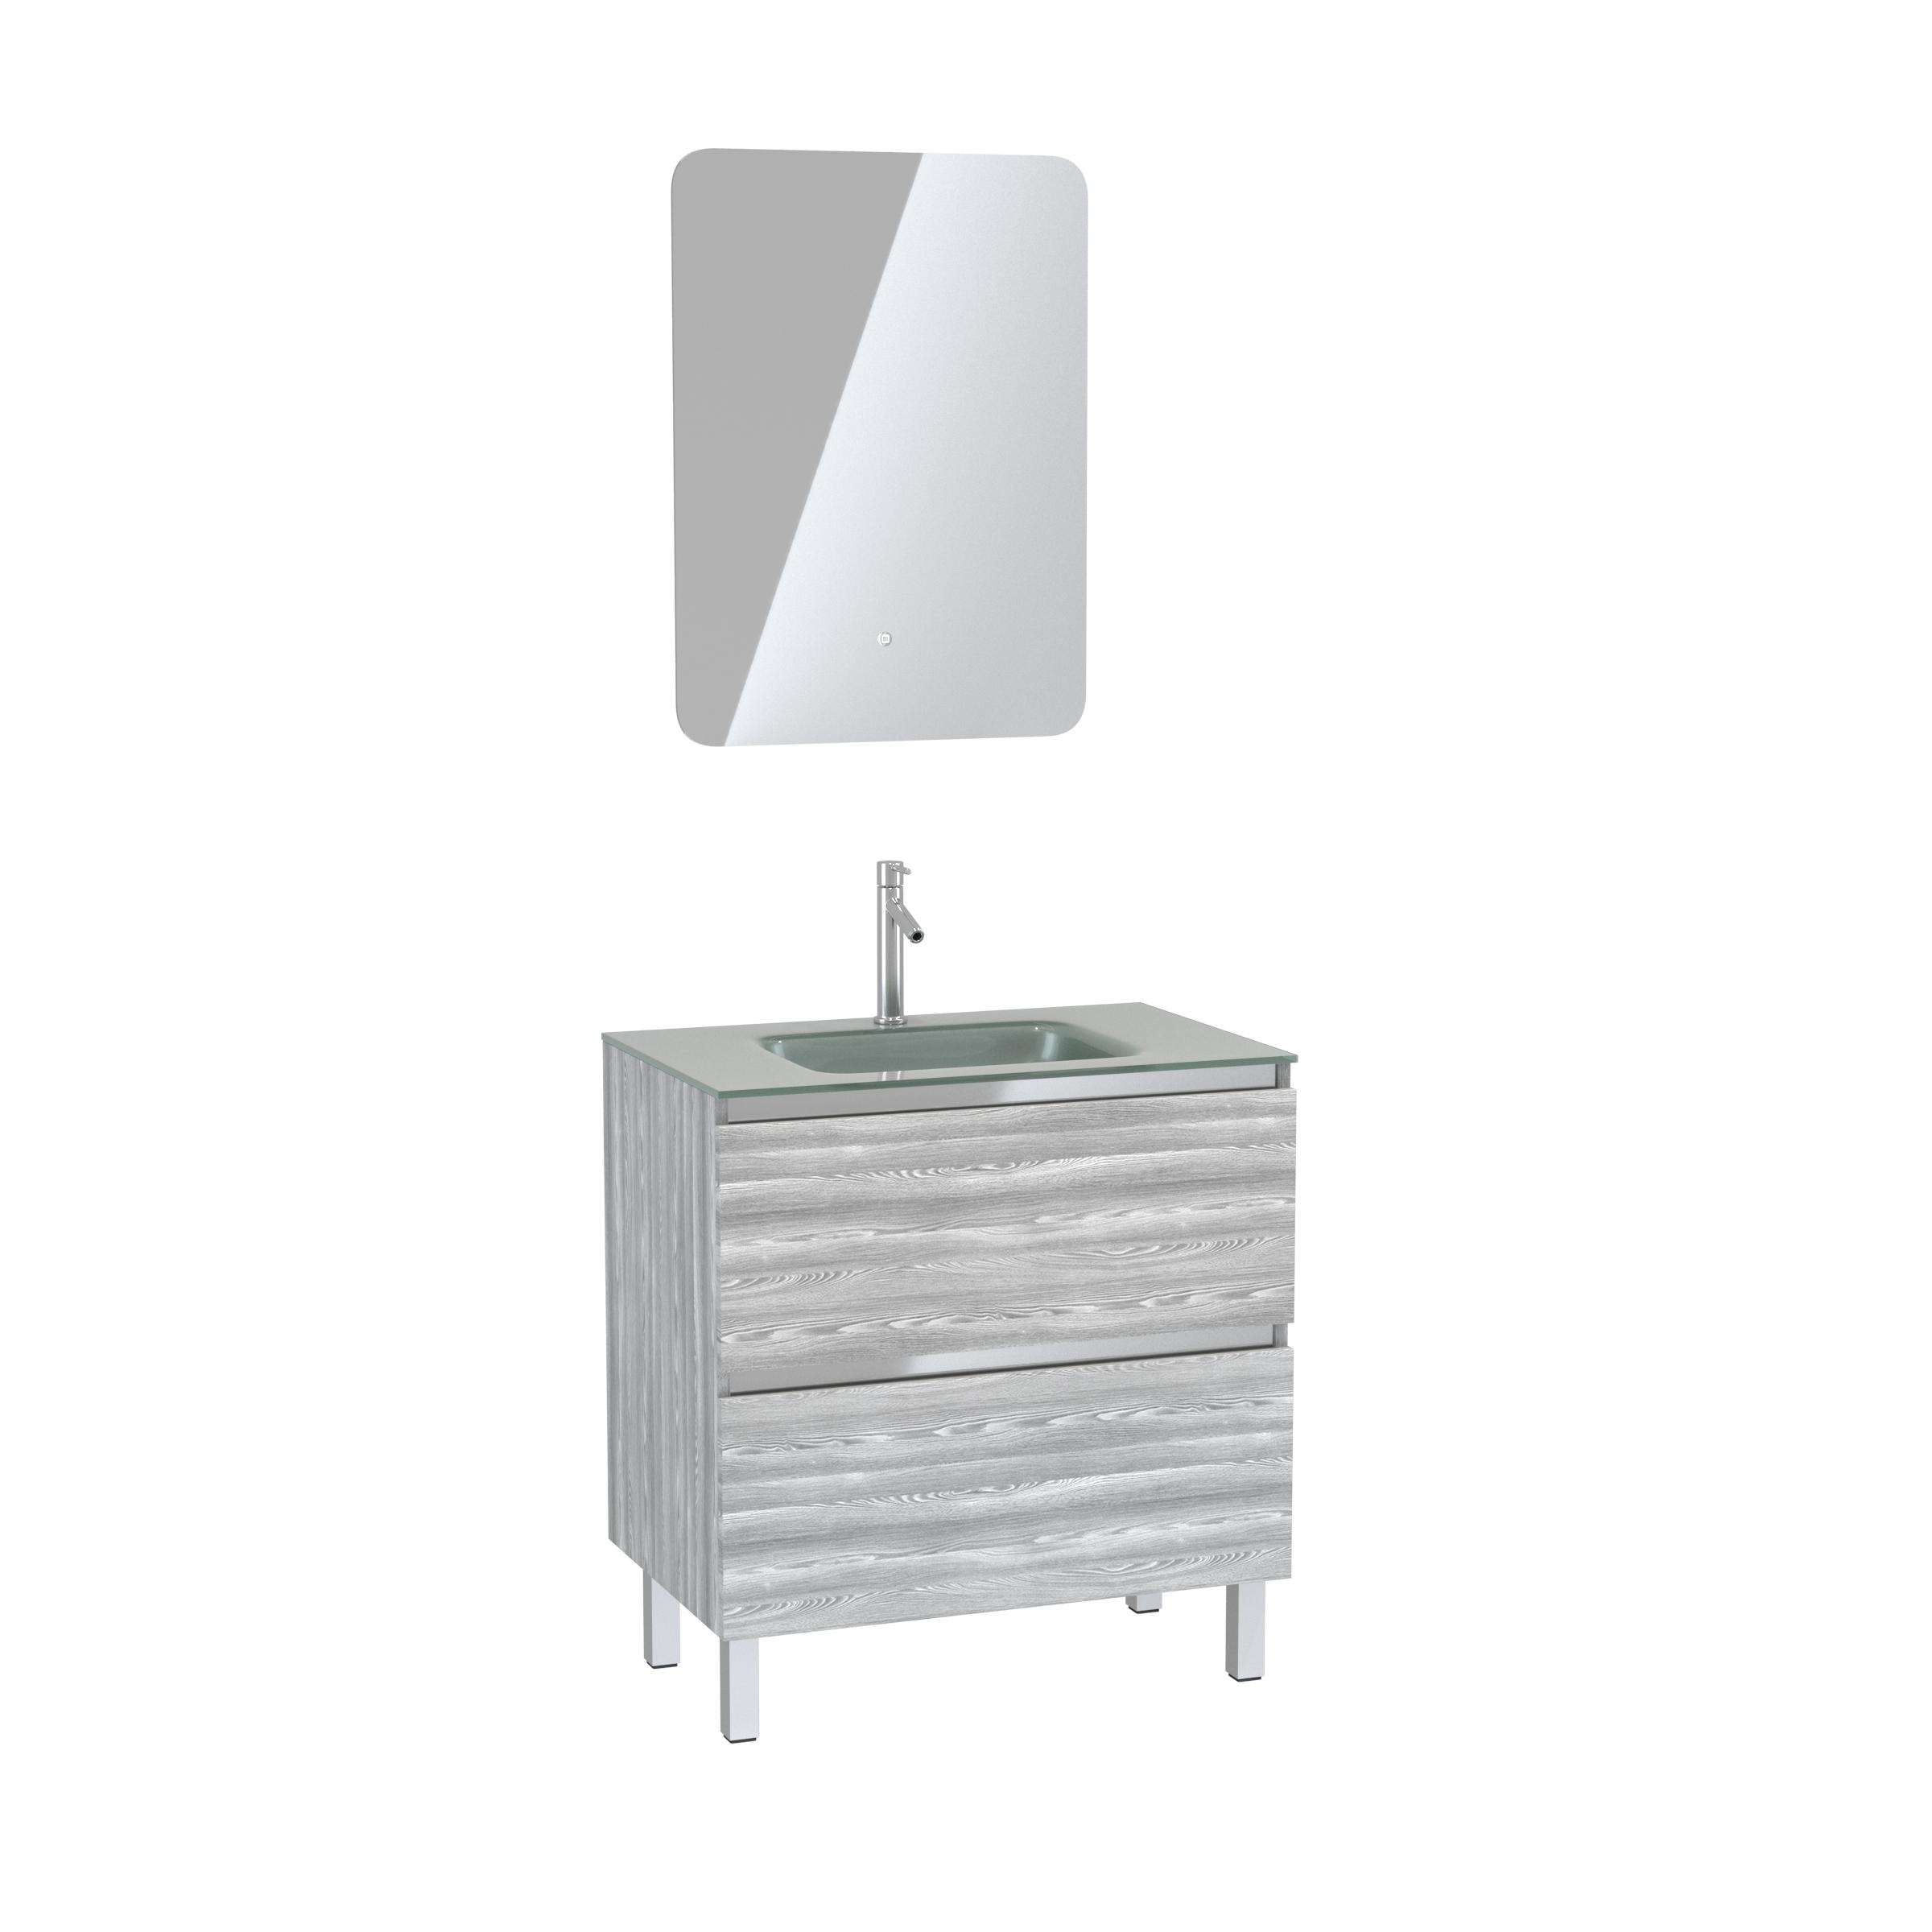 Pack Meuble de salle de bain 80x50 cm Chêne gris-blanc + vasque Argent + miroir LED 60x80